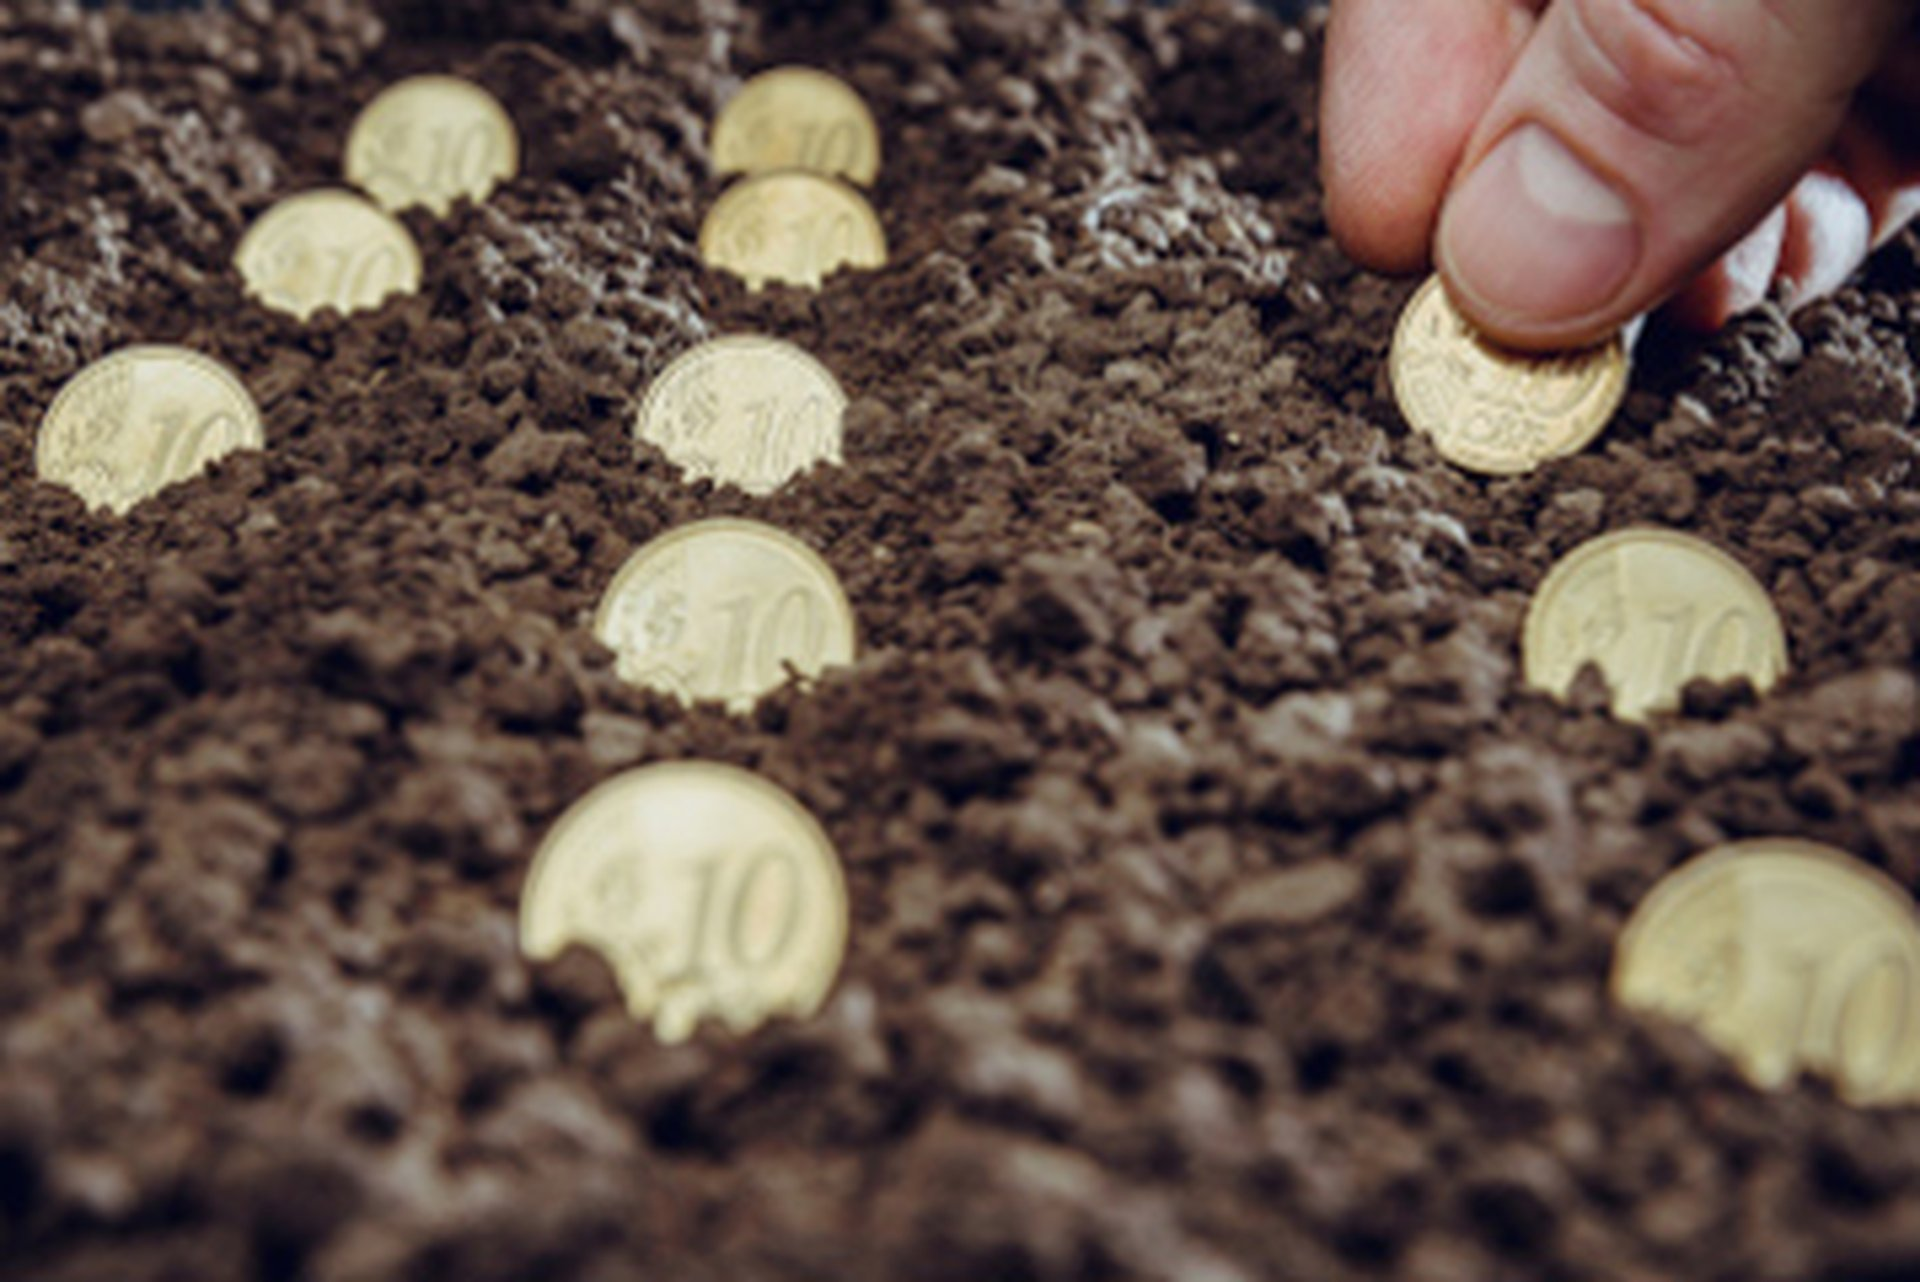 Der Bodenrichtwert wird zur Grundstücksbewertung genutzt